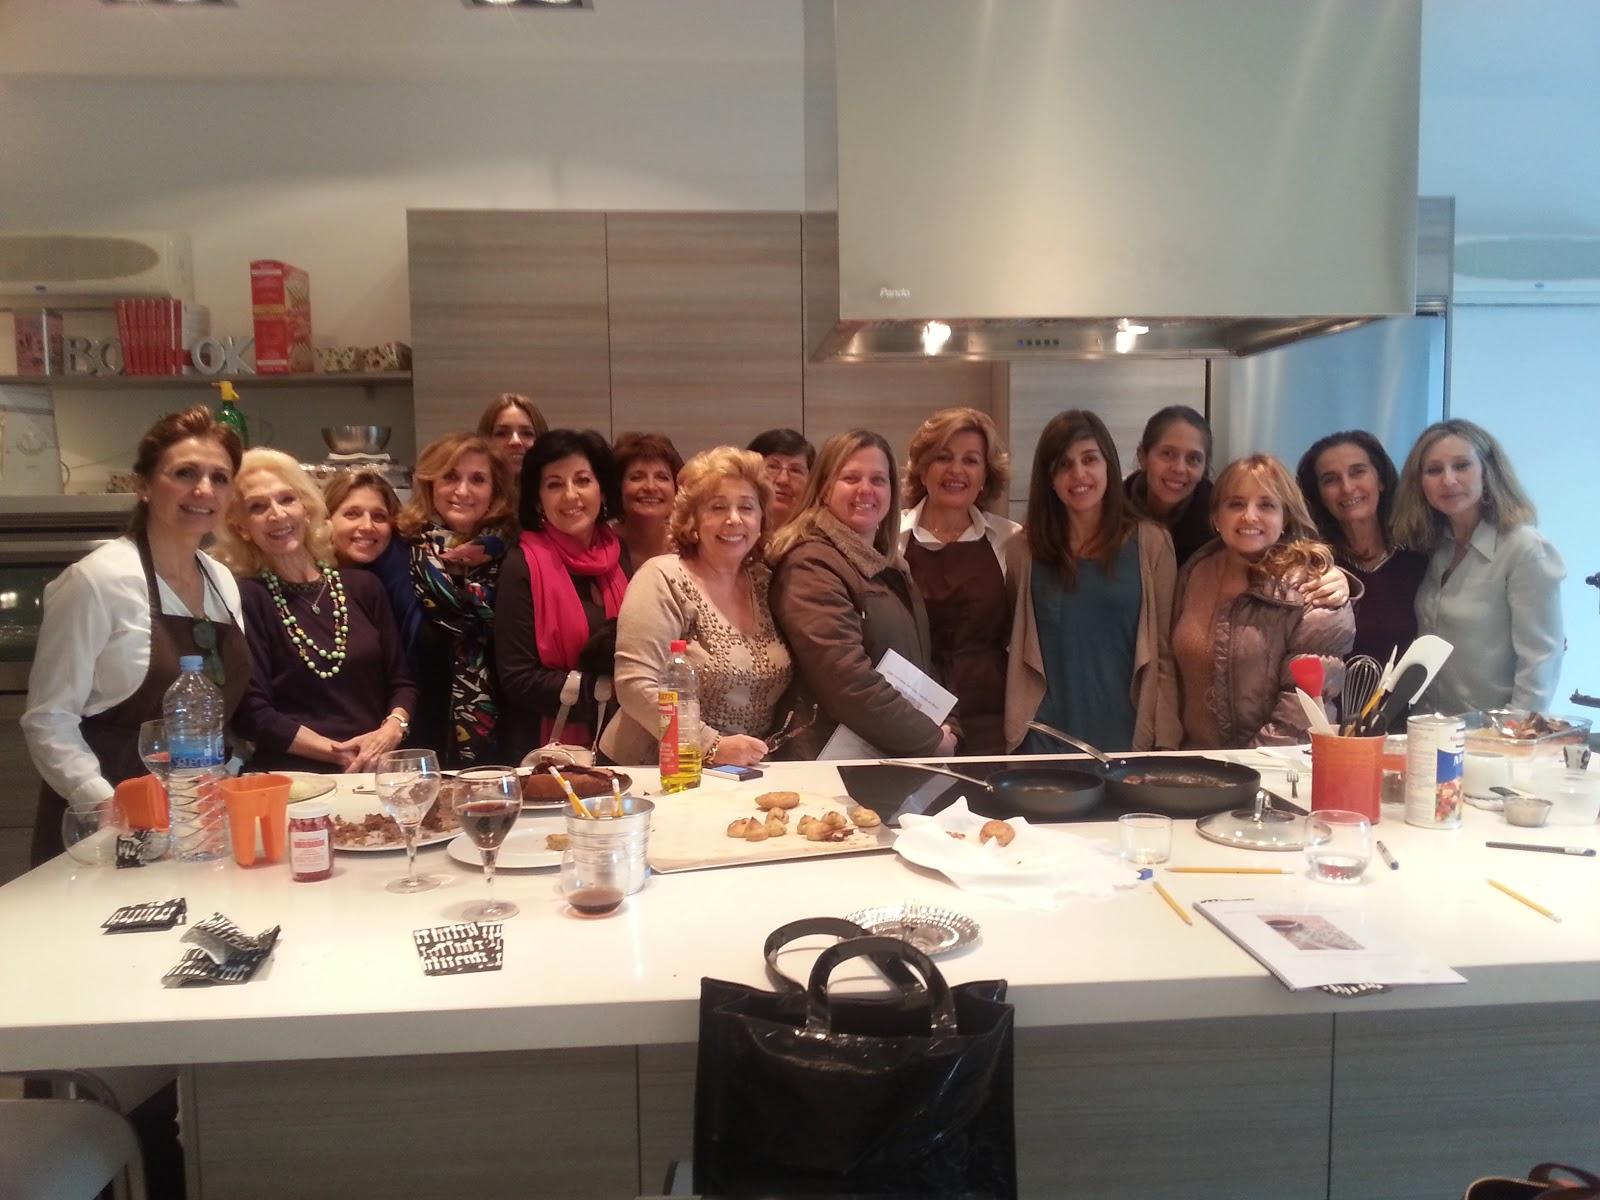 Escuela de cocina l atelier mch - Escuela de cocina ...